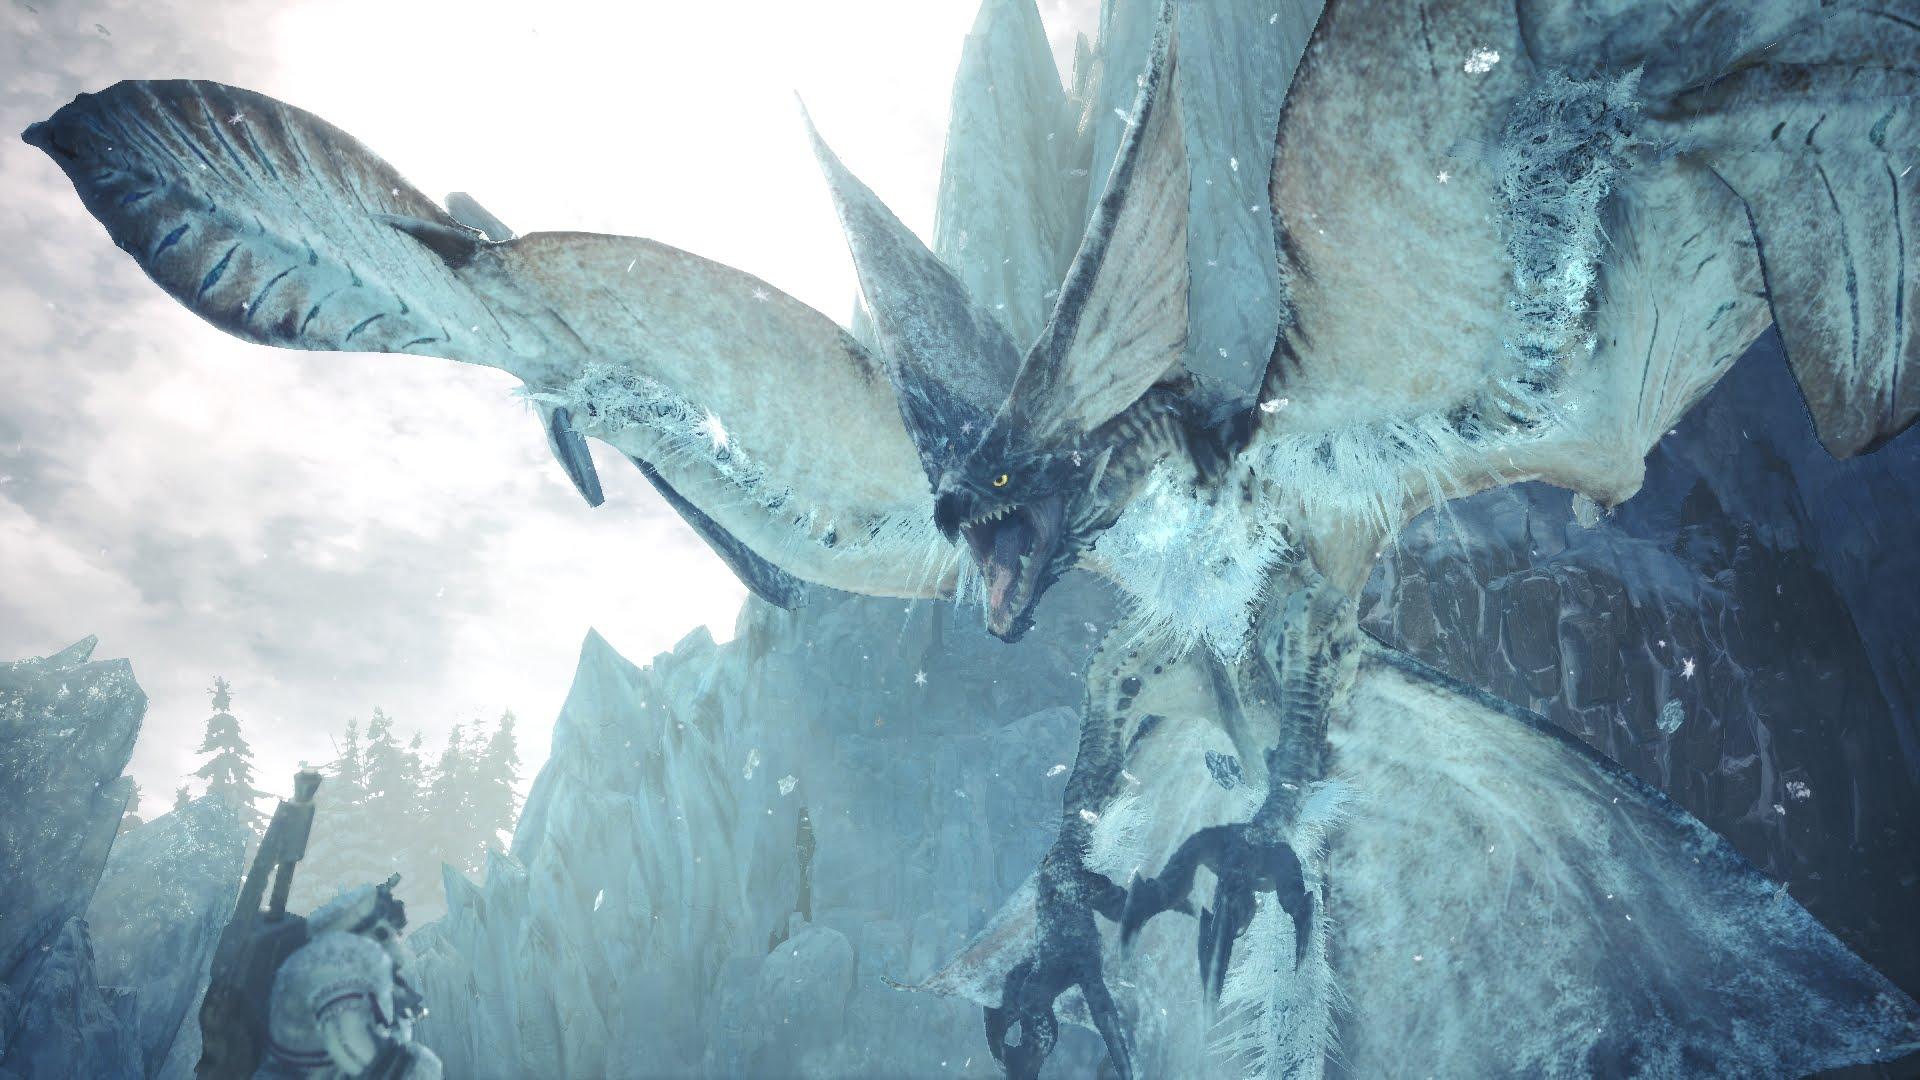 Monster Hunter World Iceborne Screen 9.jpg